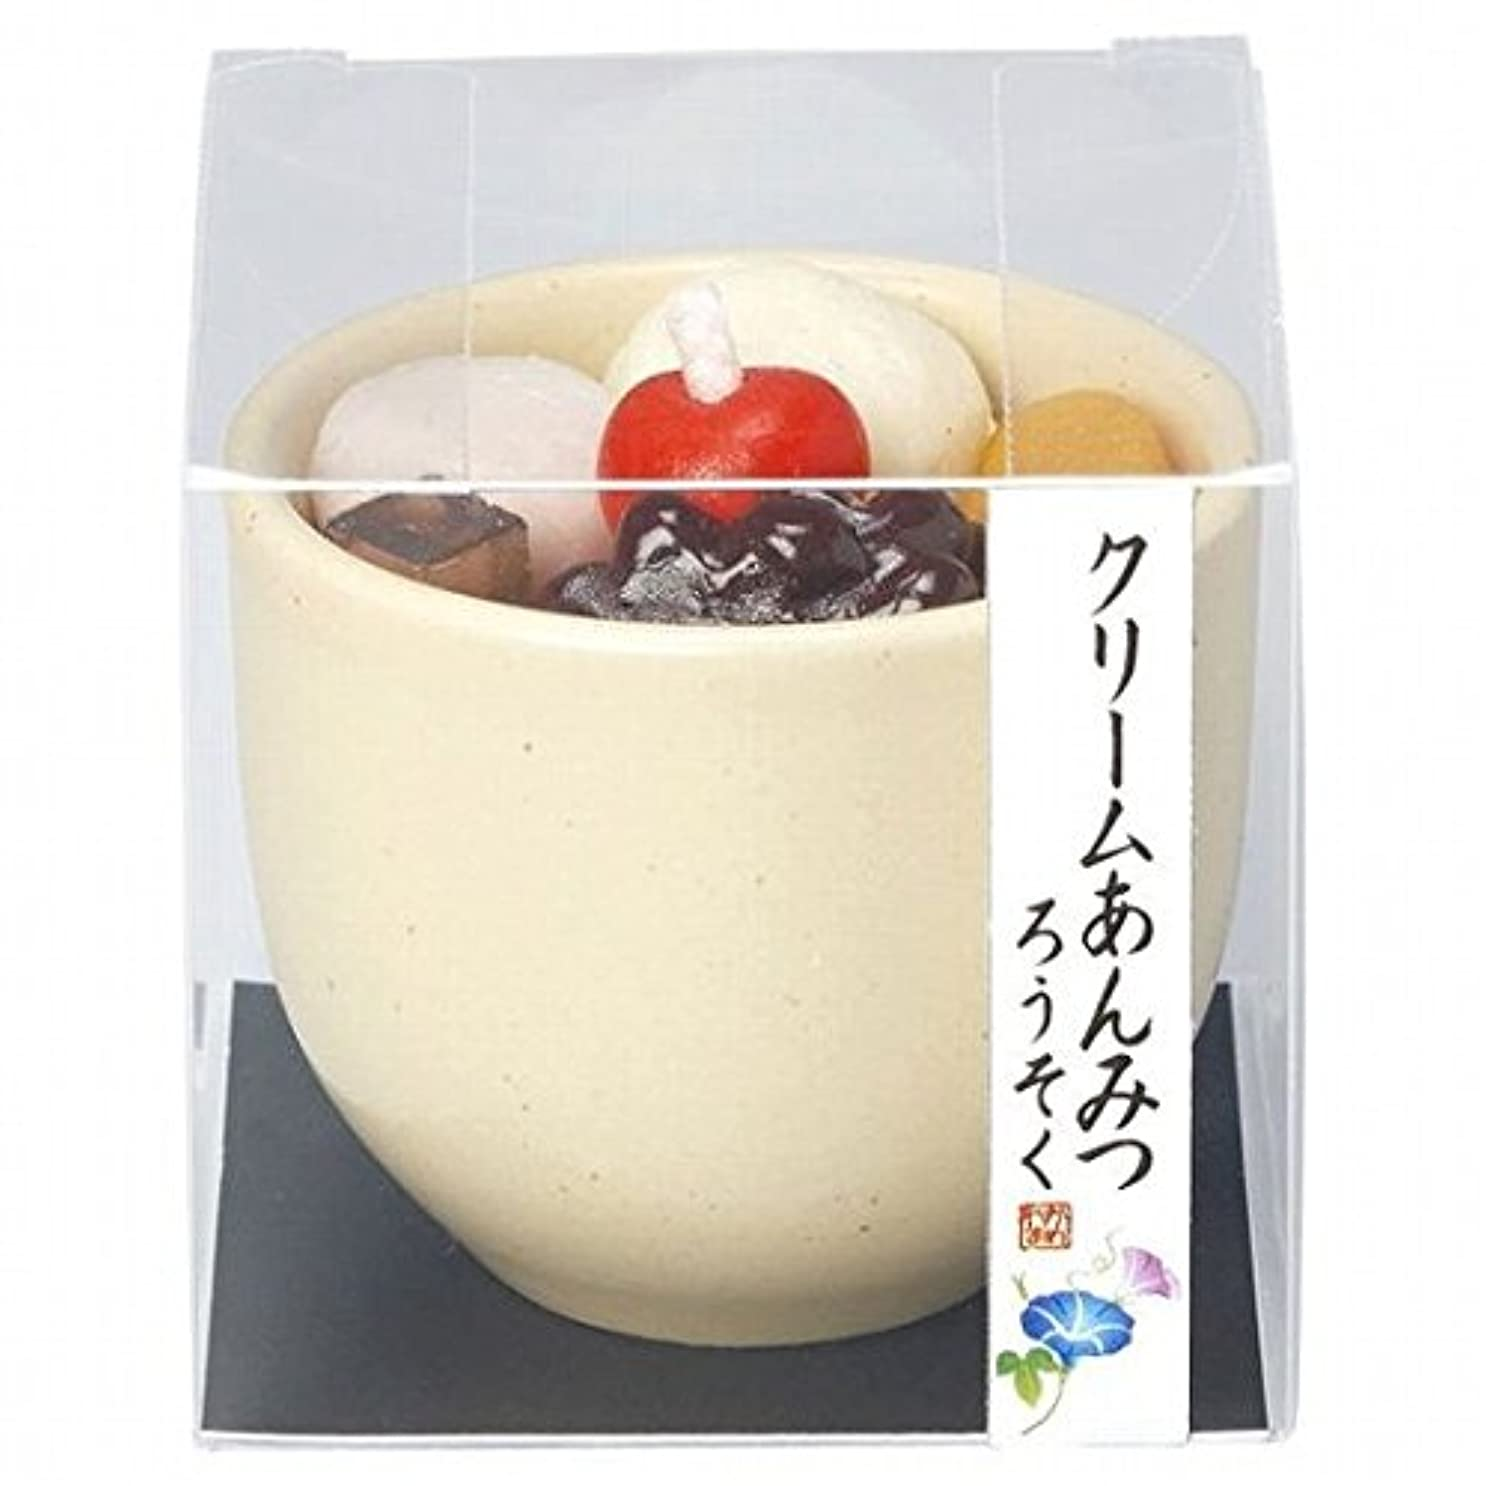 説得エリート舌なkameyama candle(カメヤマキャンドル) クリームあんみつキャンドル(86220000)